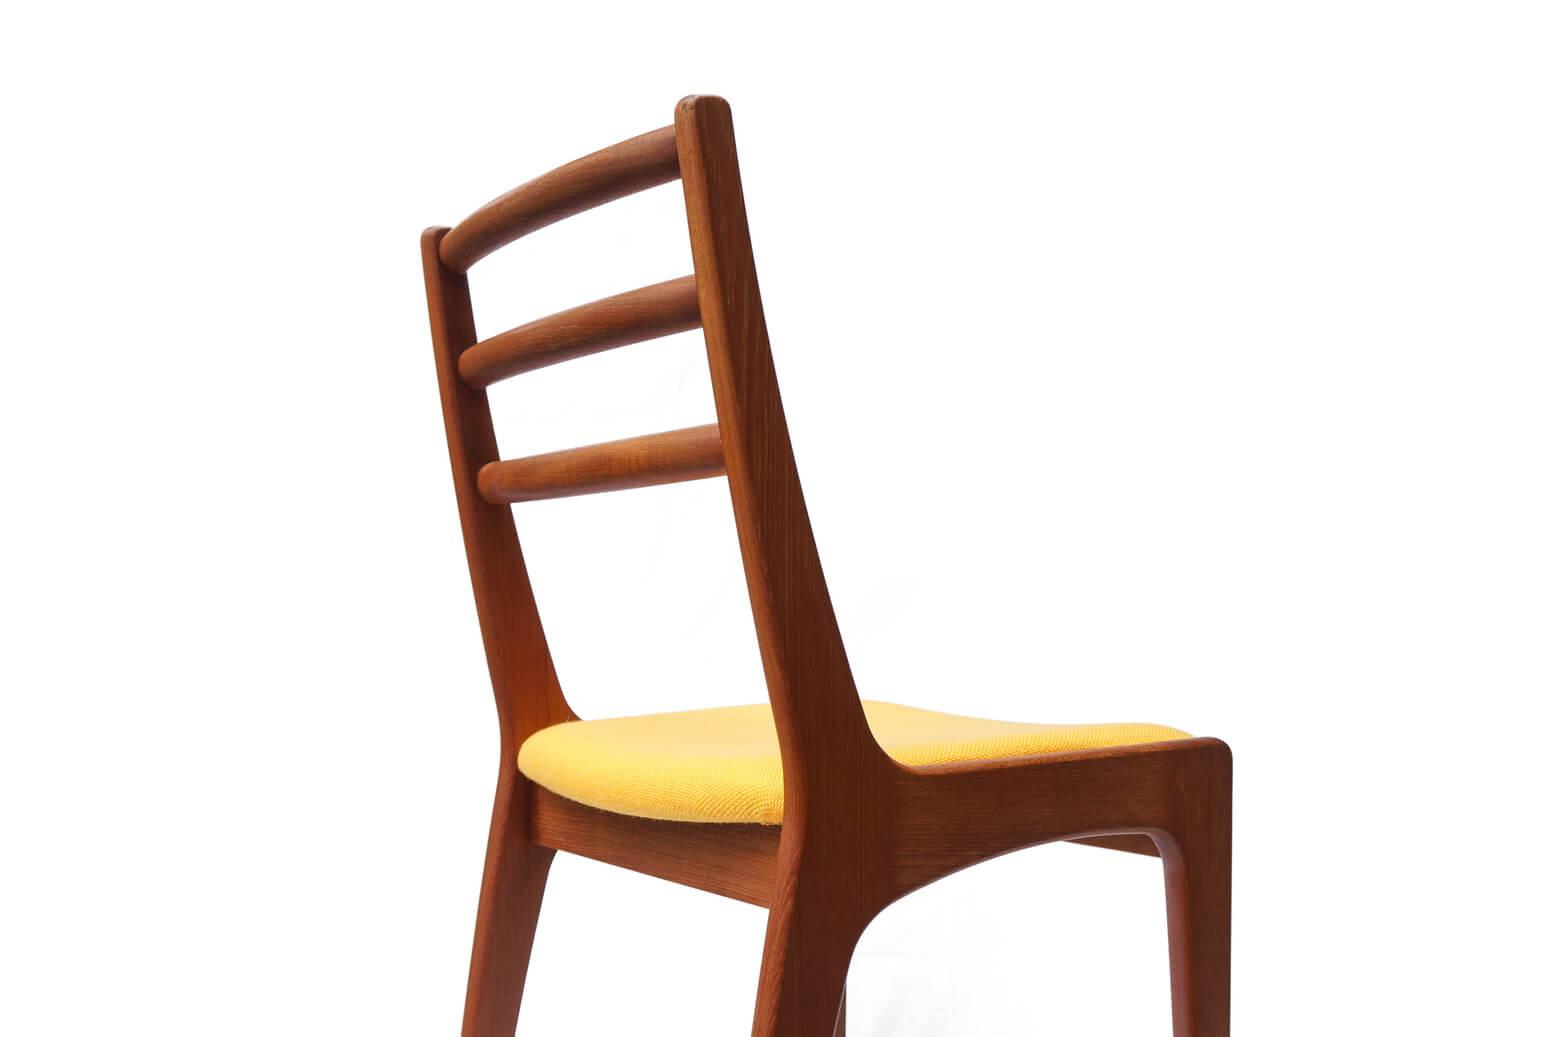 ヴィンテージ モダンデザイン チーク材 ダイニングチェア 北欧デザイン/Vintage Modern Design Teakwood Dining Chair